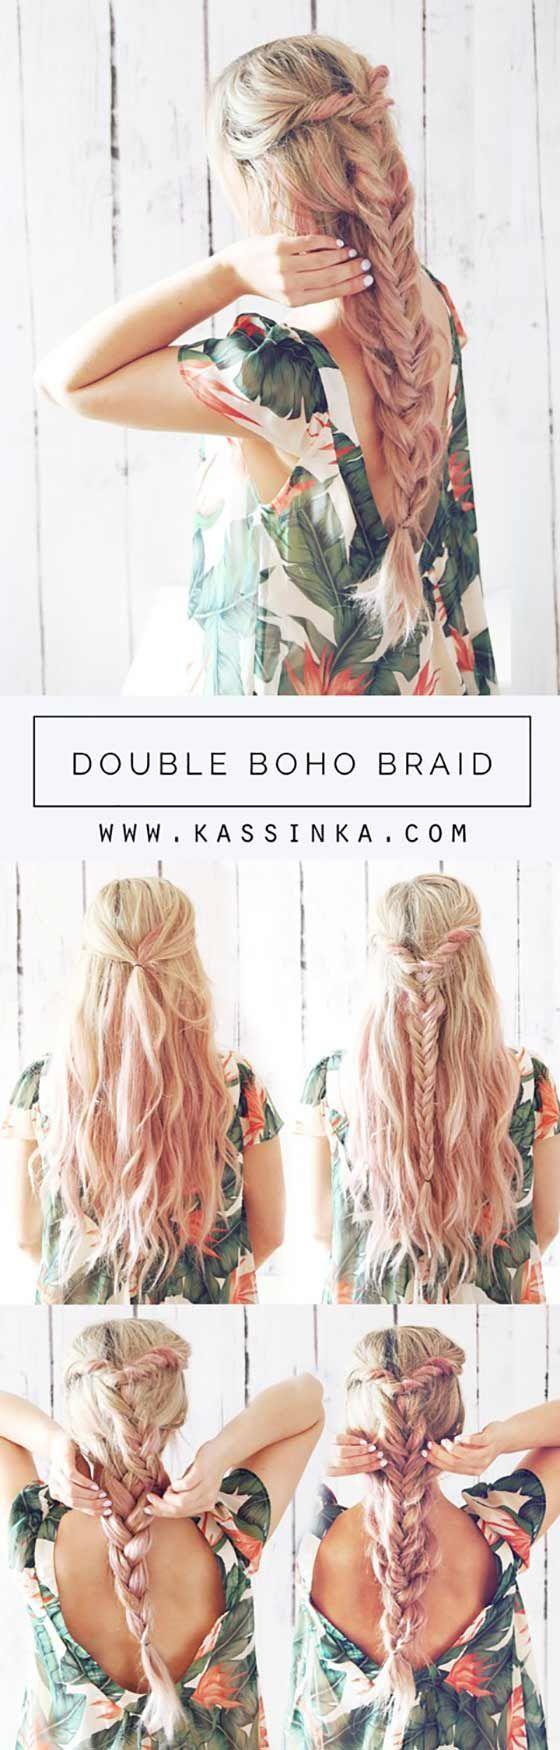 Braided hairstyles for long hair double boho braid hair braid